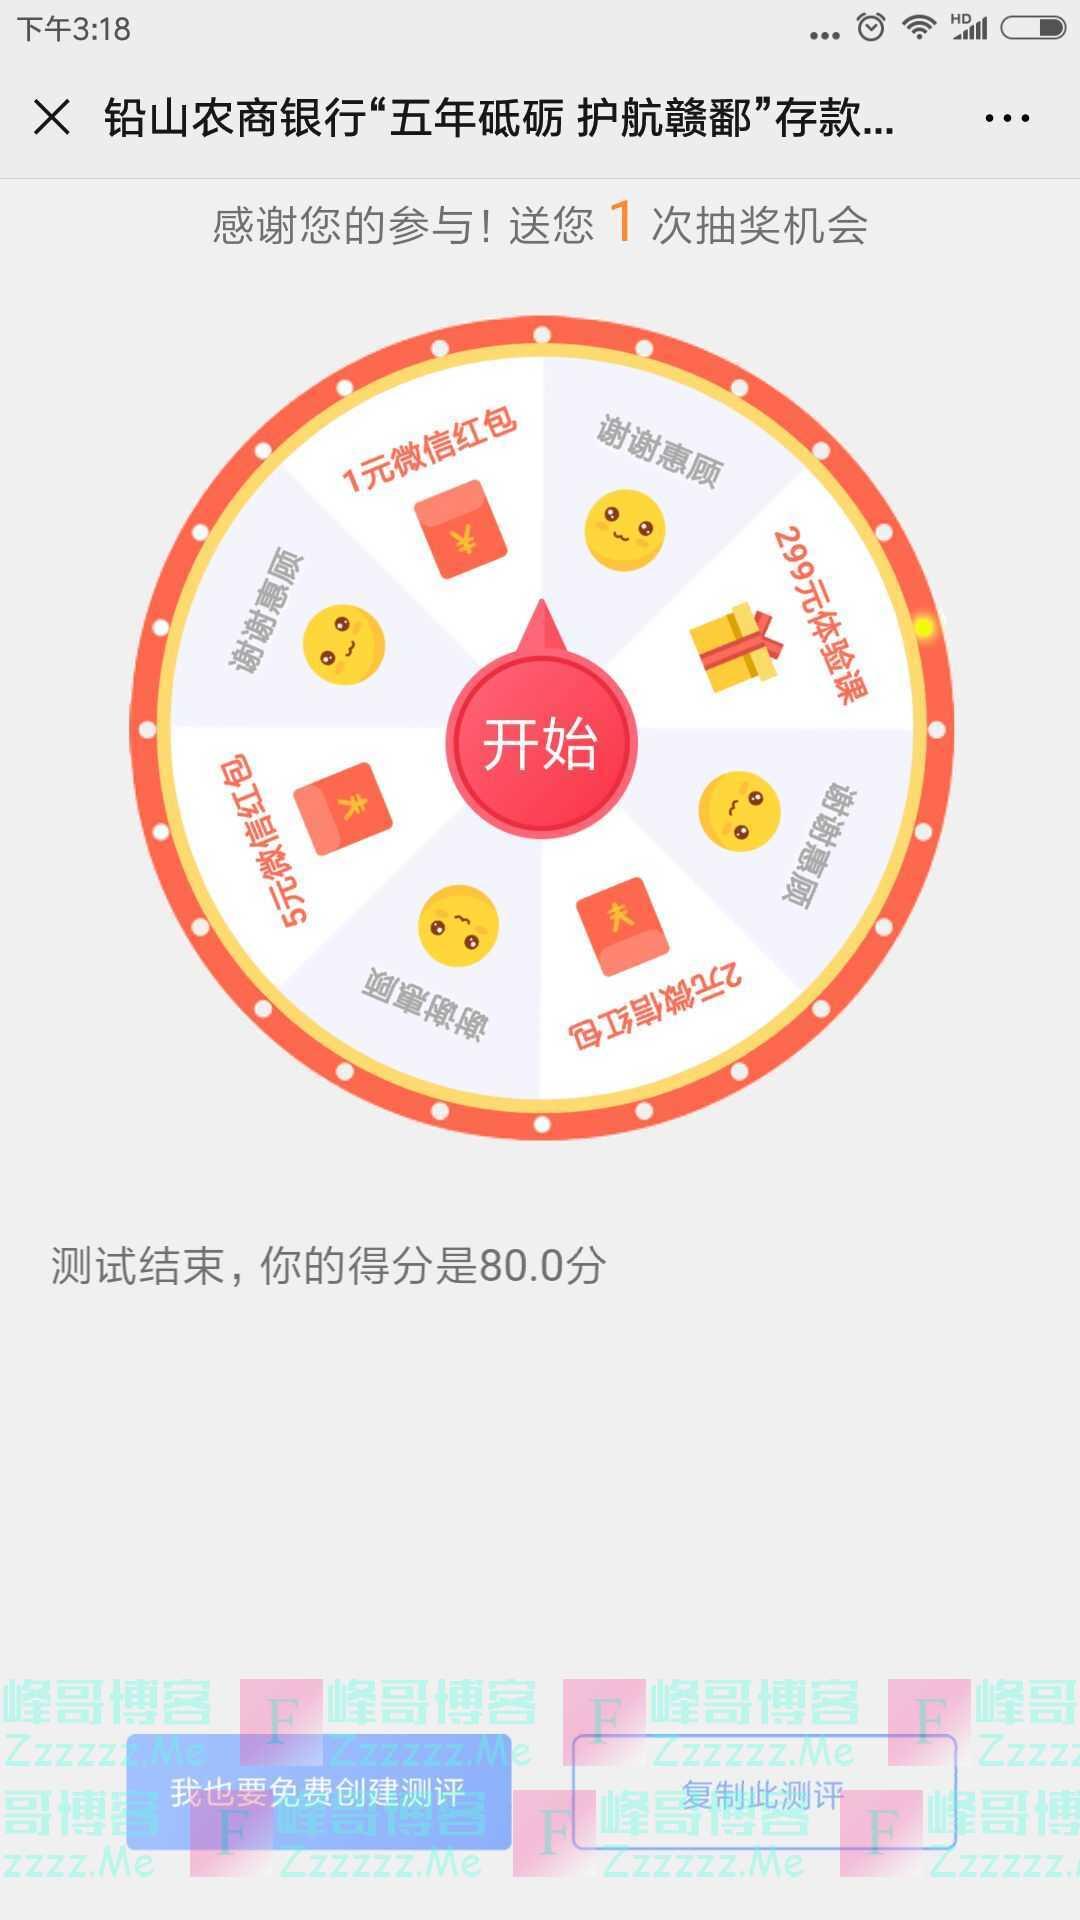 江西铅山农商银行存款保险有奖知识竞赛(截止5月18日)